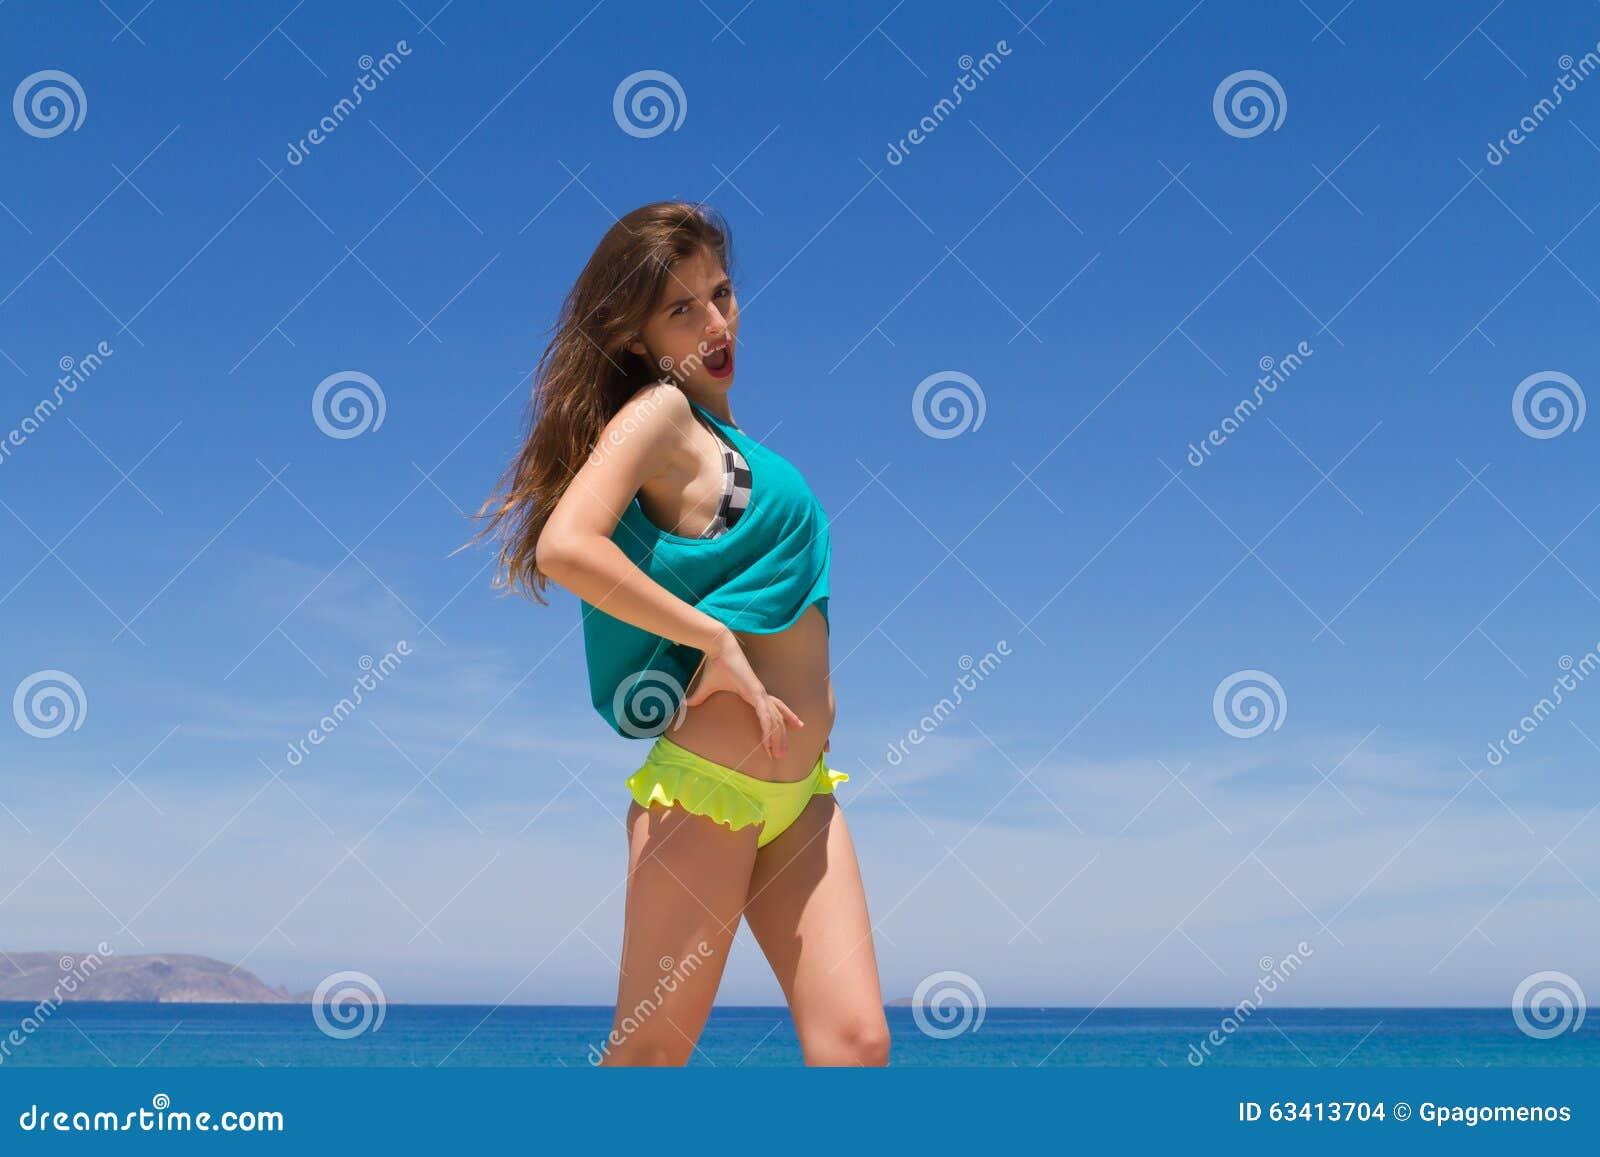 Adolescente alegre moreno en ropa de playa goza de